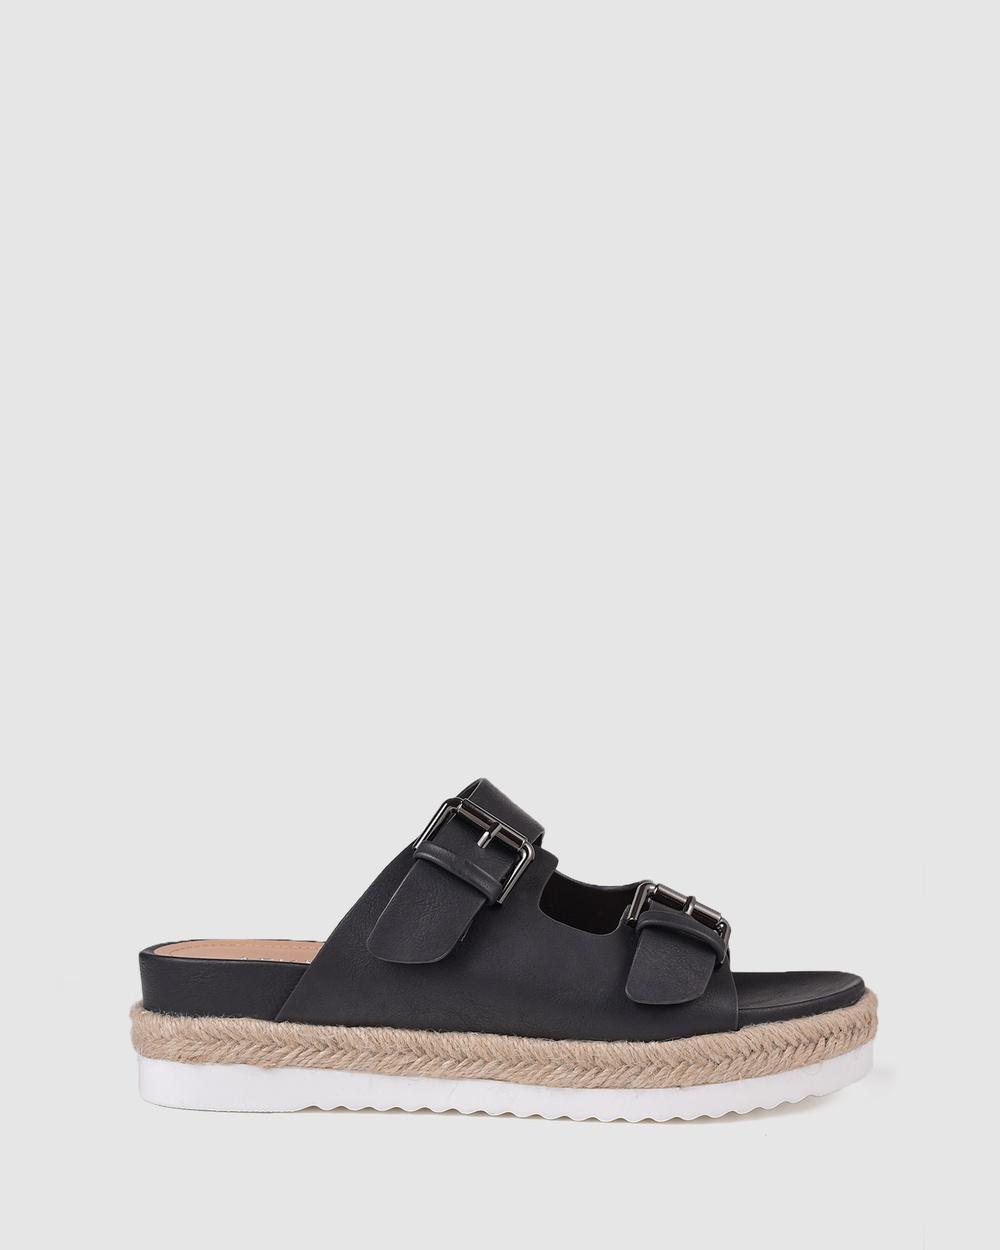 Verali Denmark Sandals Black